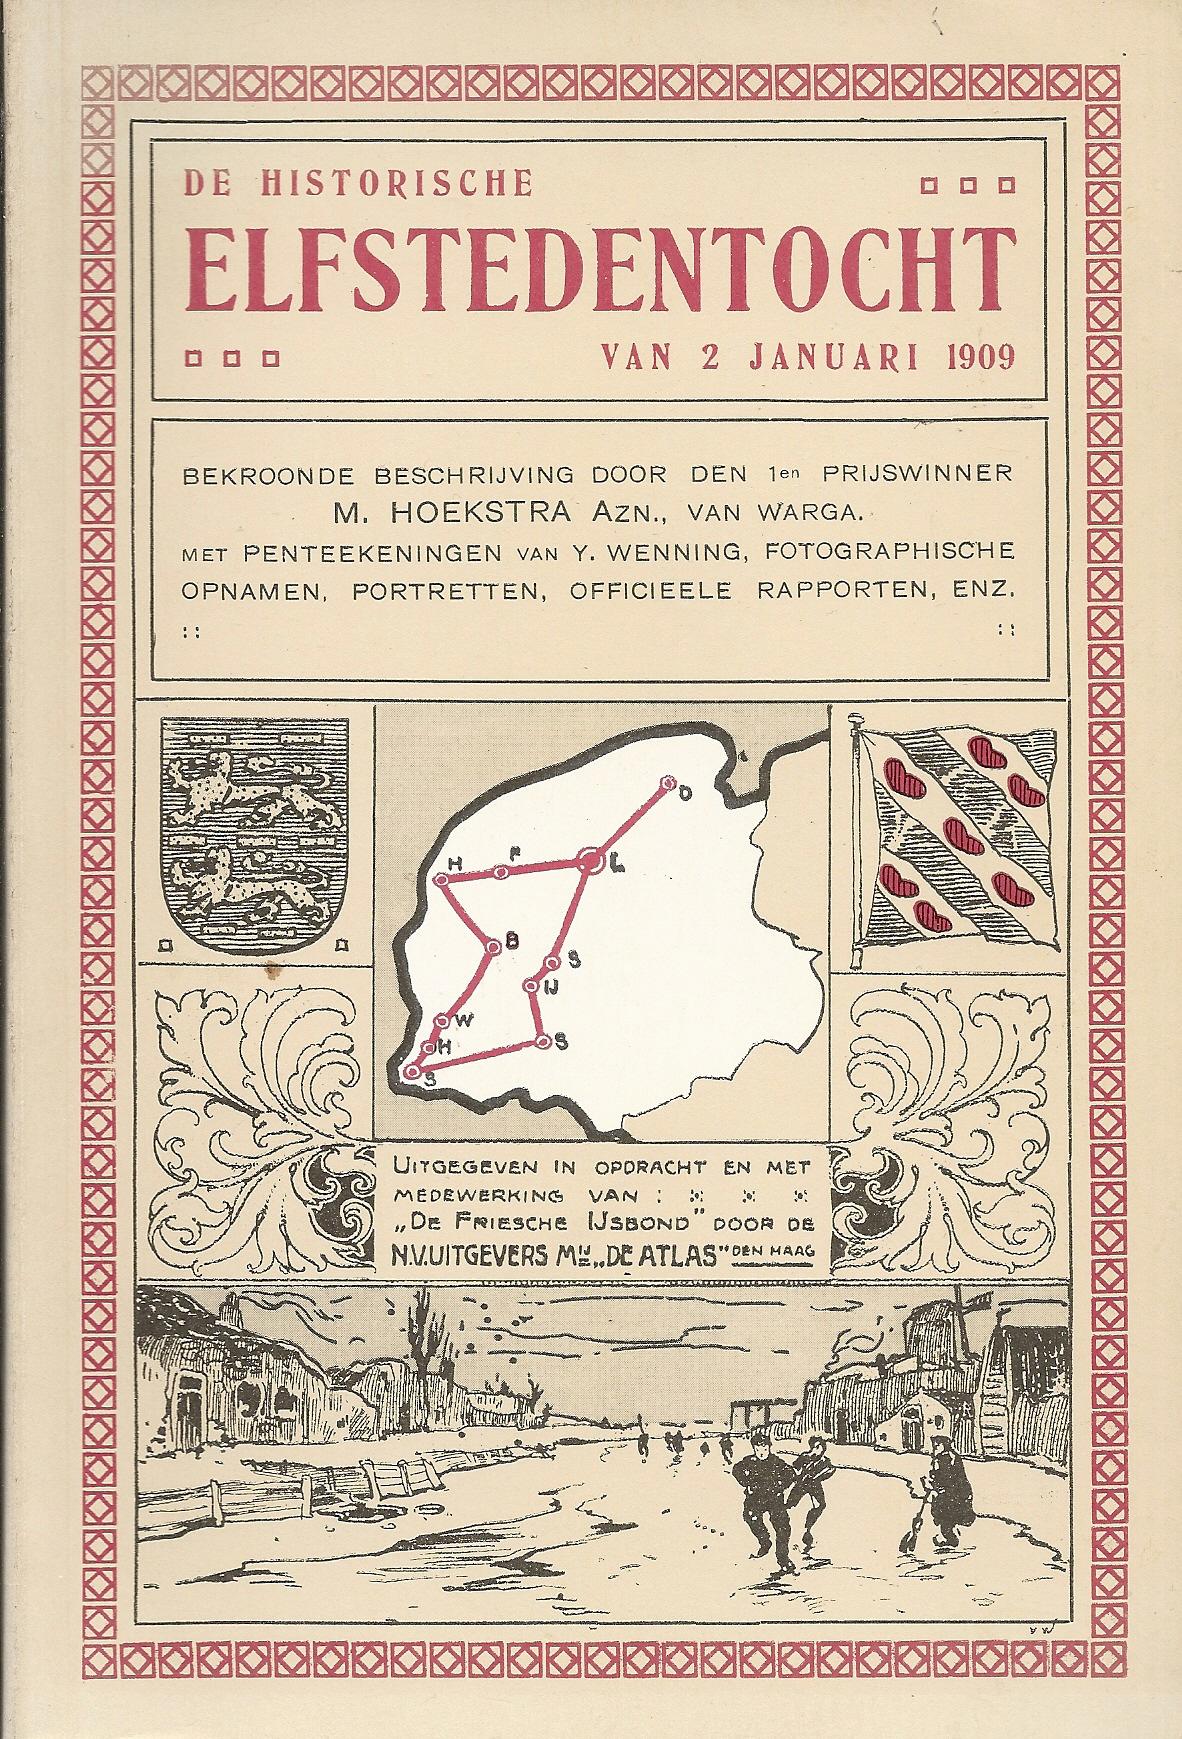 De historische Elfstedentocht van 2 januari 1909